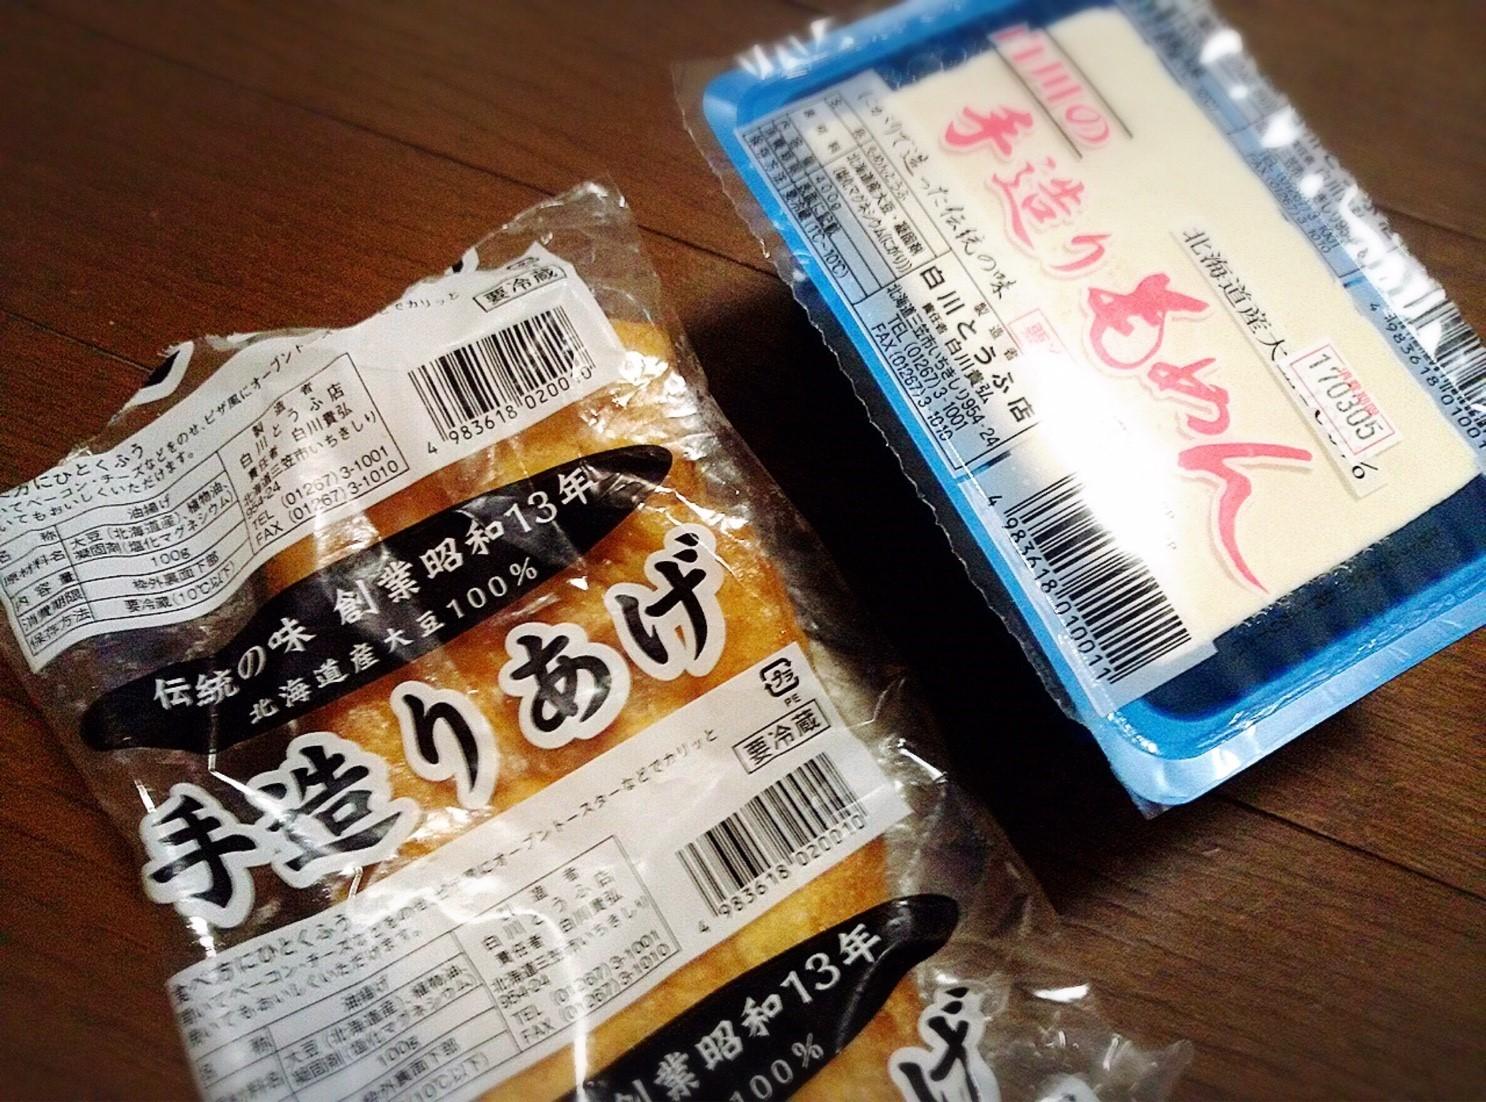 白川とうふ店/三笠市_c0378174_22123151.jpg